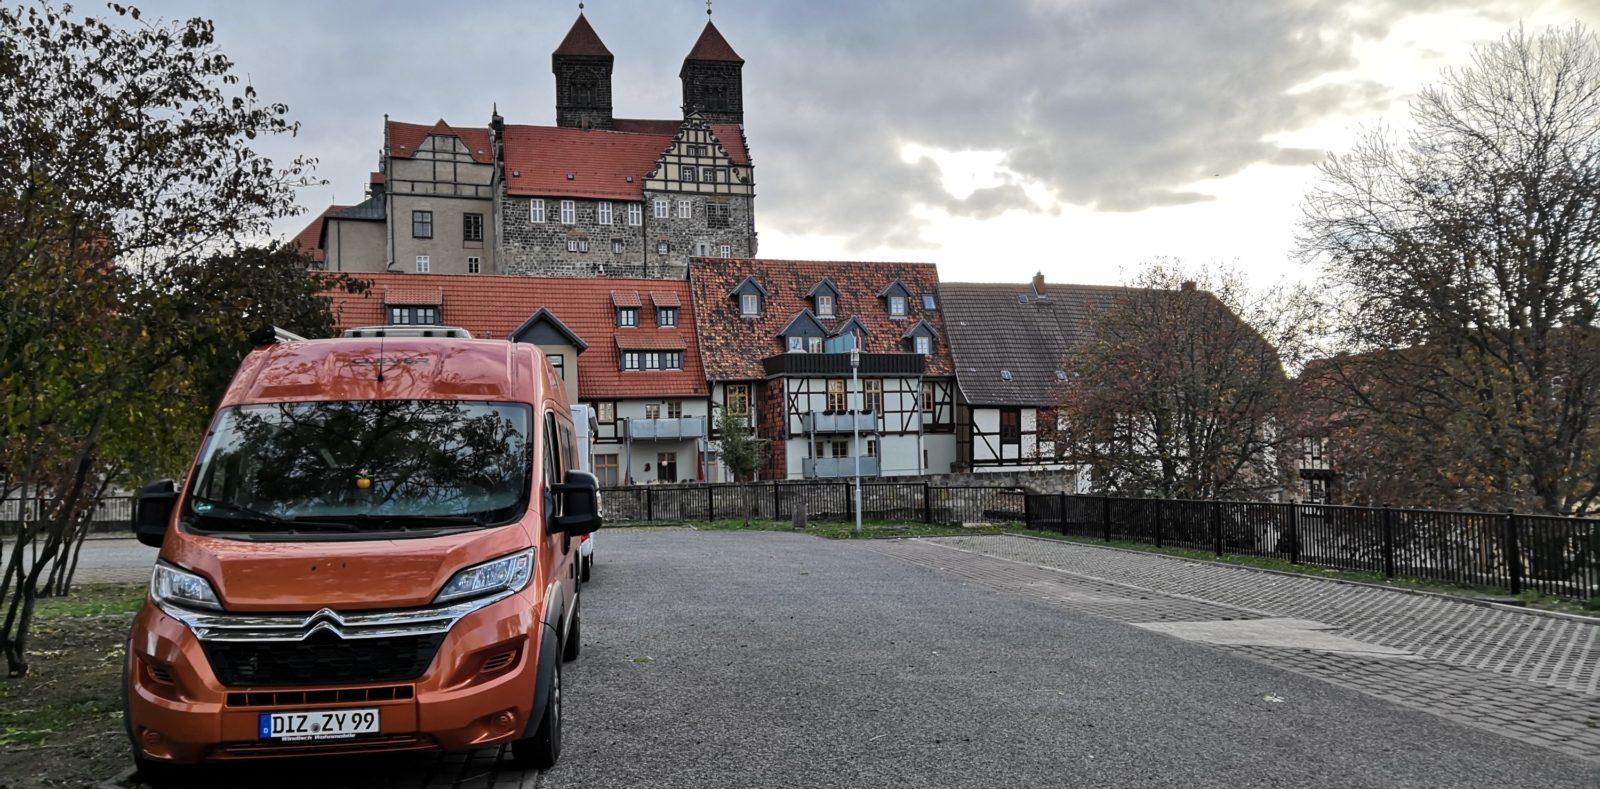 Auf dem Wohnmobilstellplatz am Schloss Quedlinburg